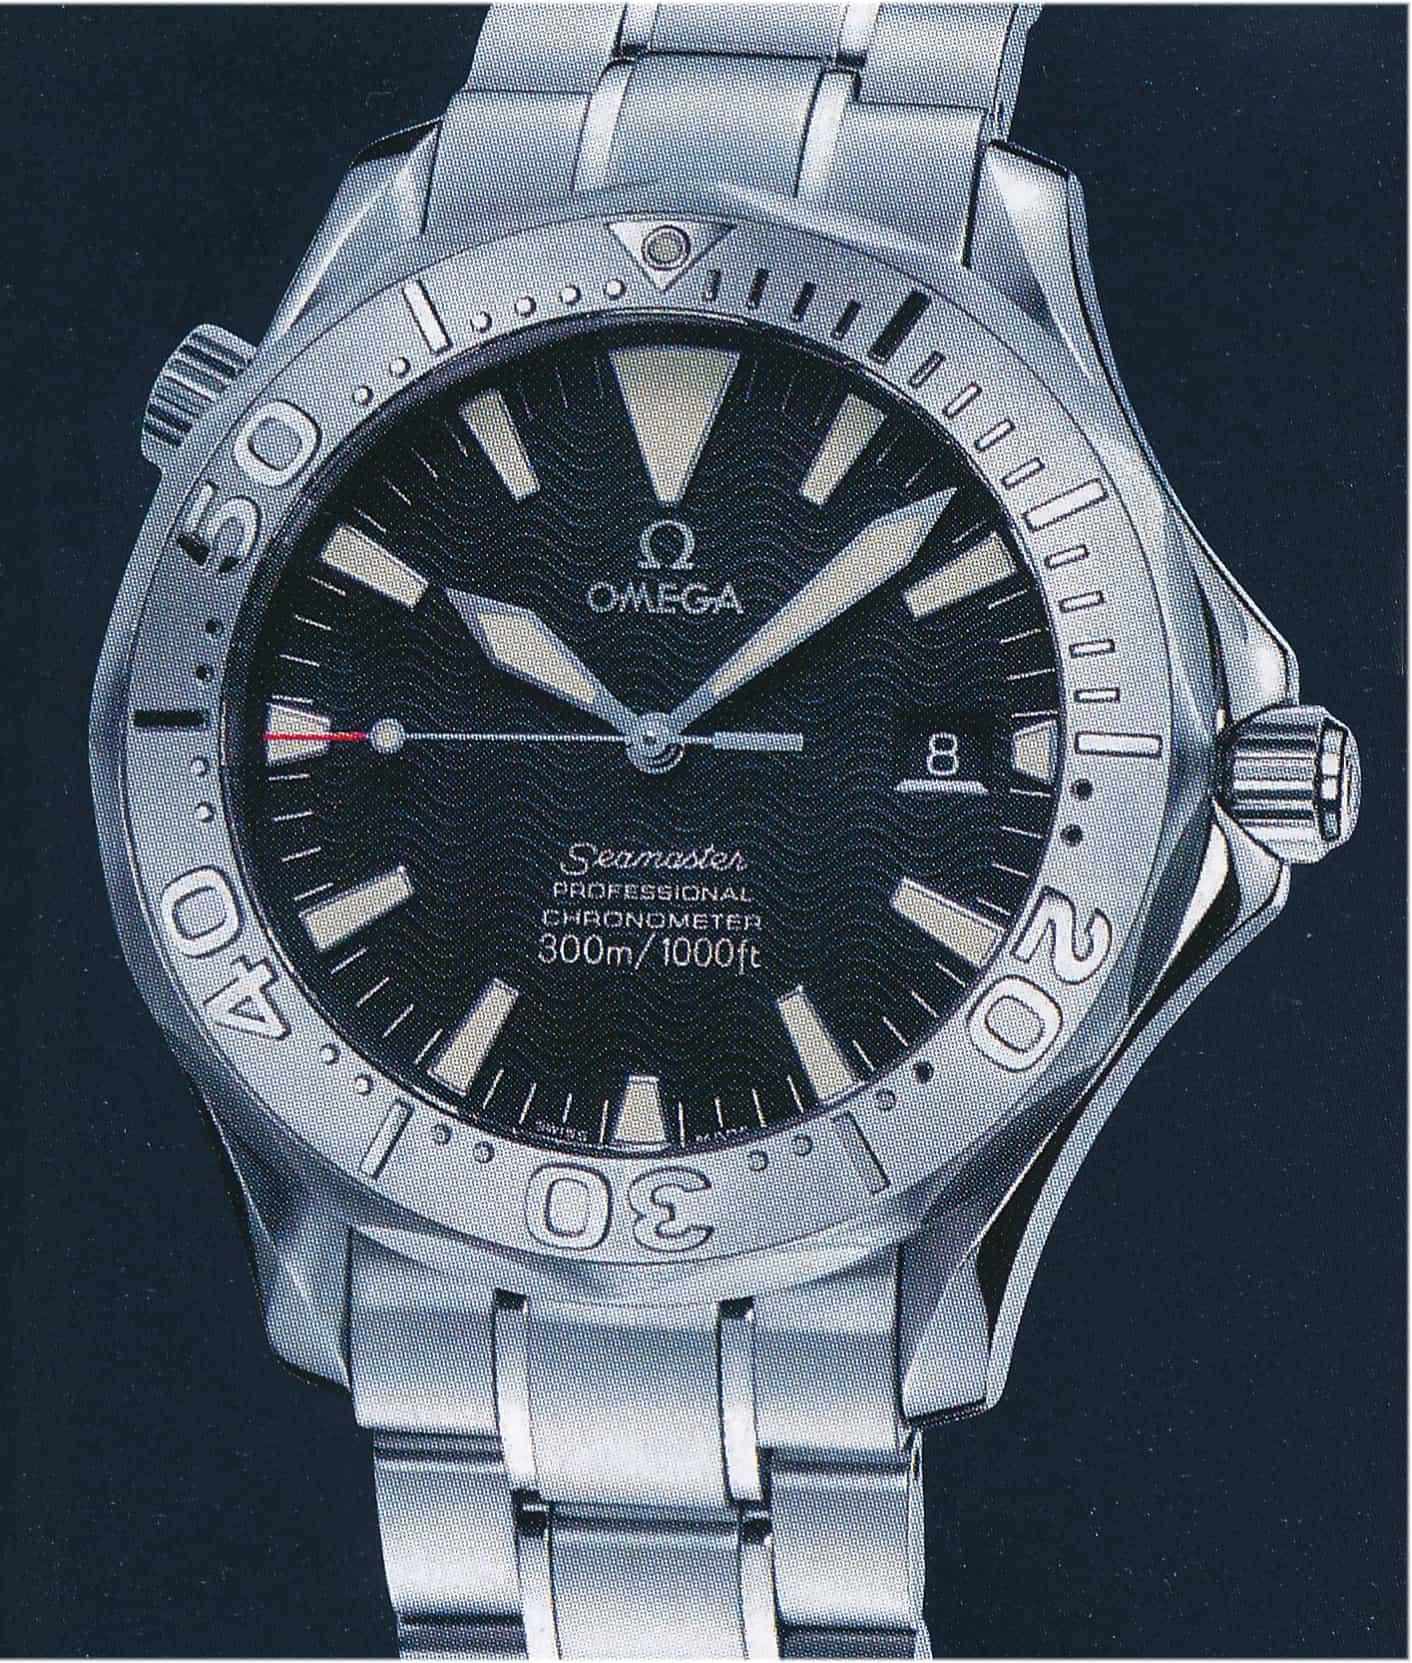 Für 2.480 Euro gab es bei der Omega Seamaster Diver 2003 ebenfalls das als Automatikkaliber 1120 bezeichnete Eta 2892-A2